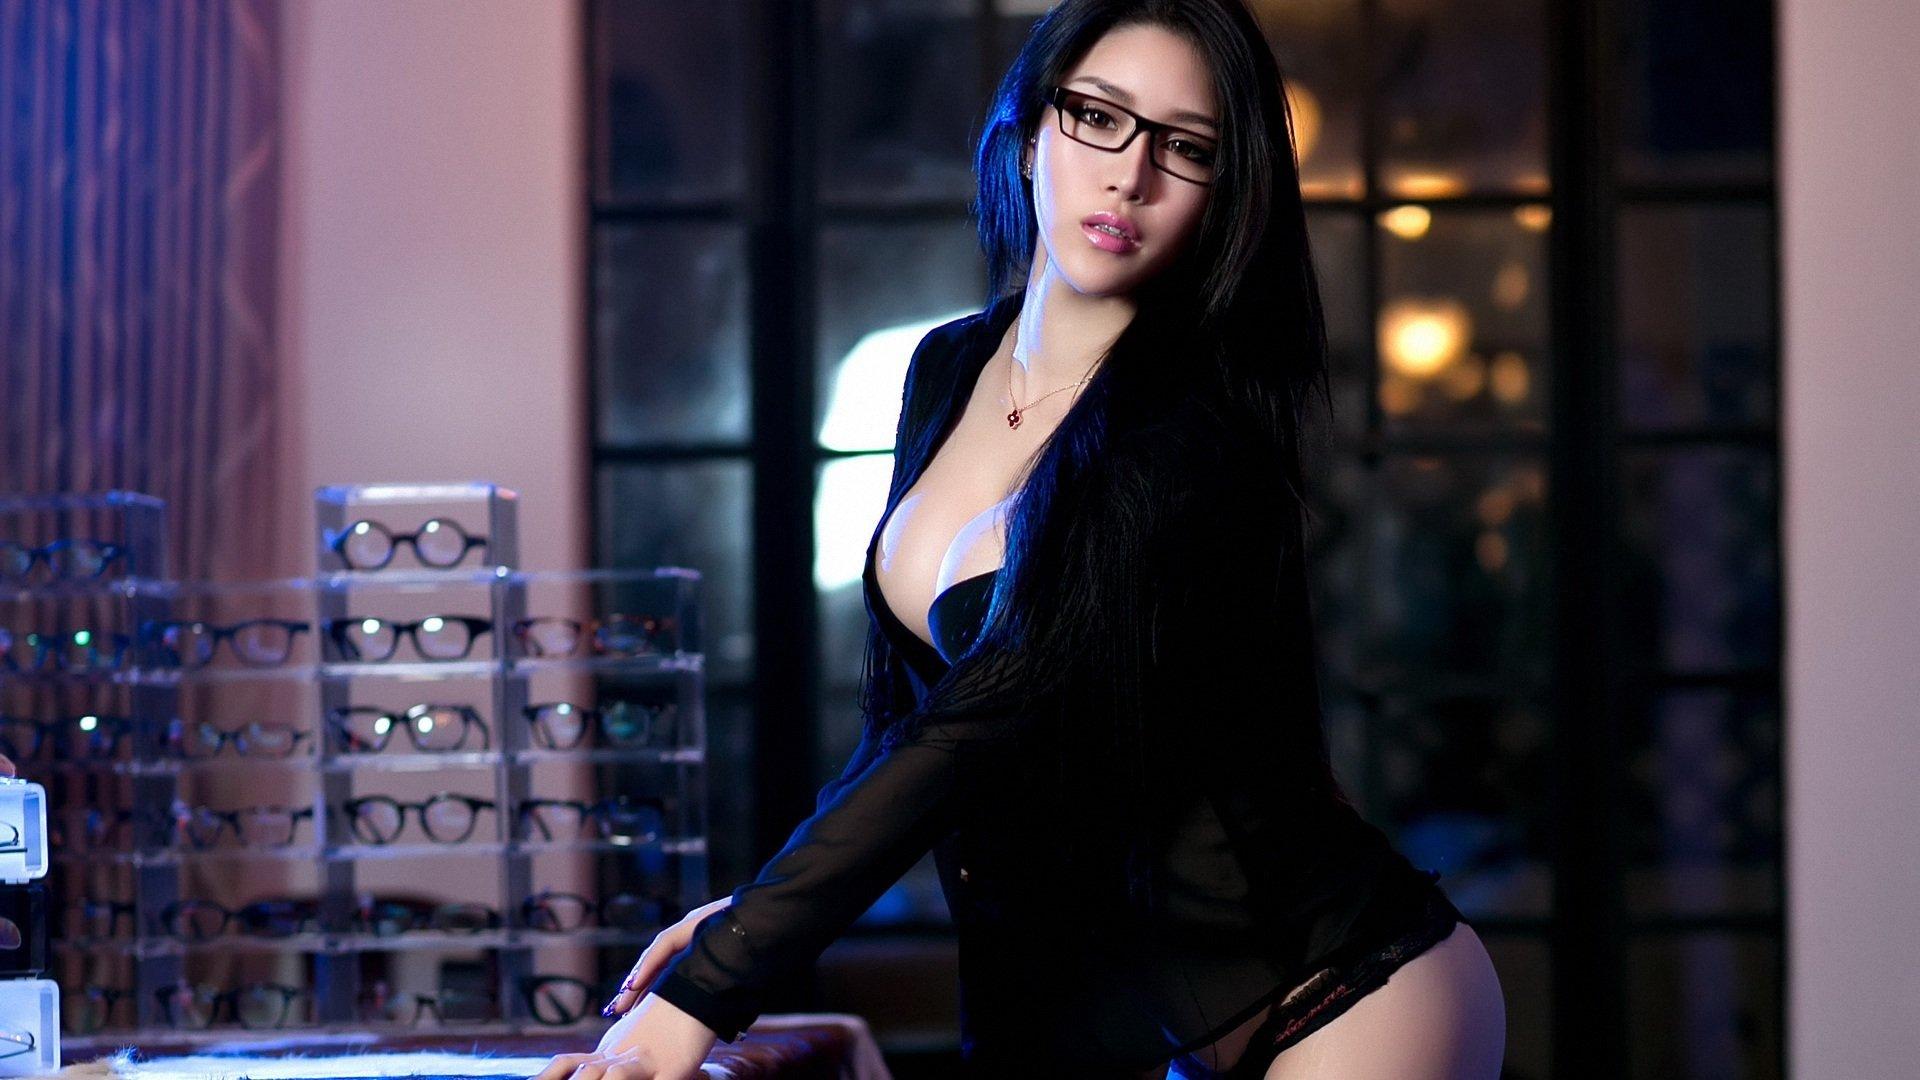 360安全桌面壁纸里边那个眼镜美女是谁啊?